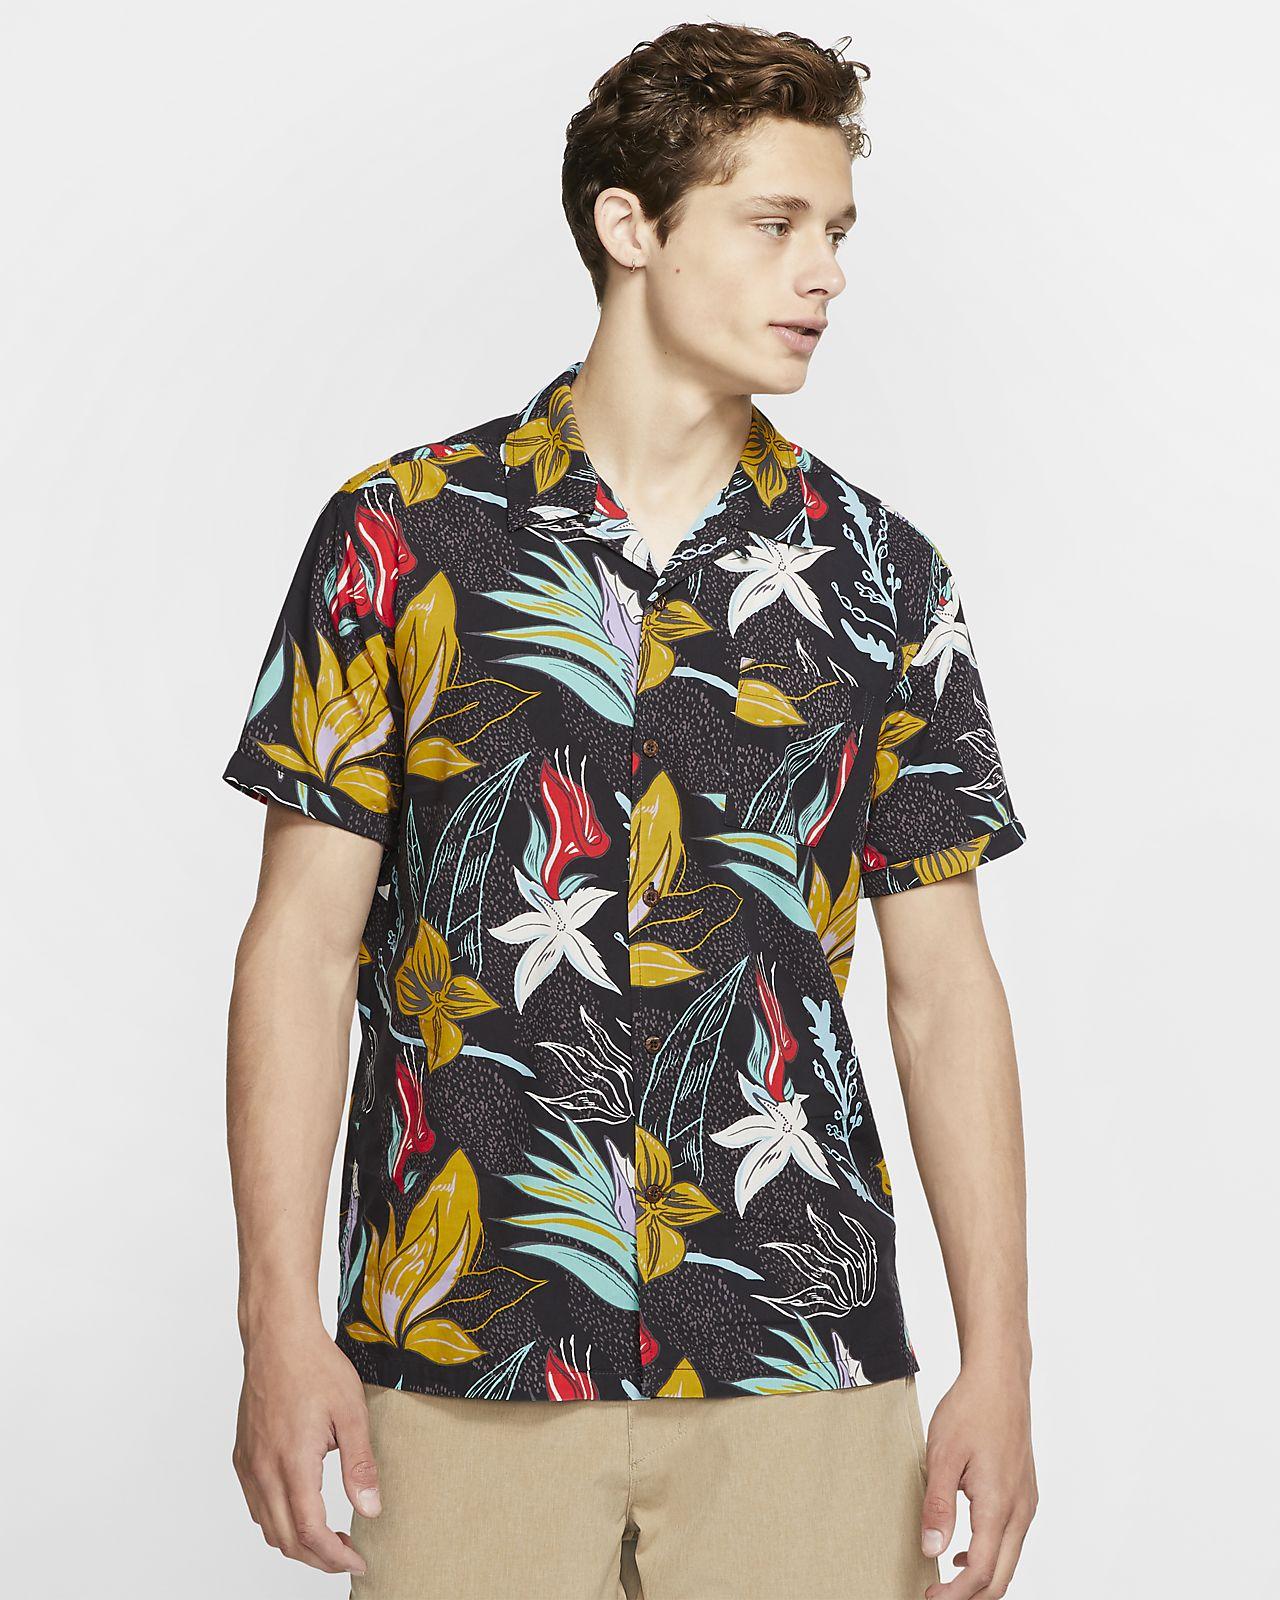 Hurley Domino Men's Short-Sleeve Top